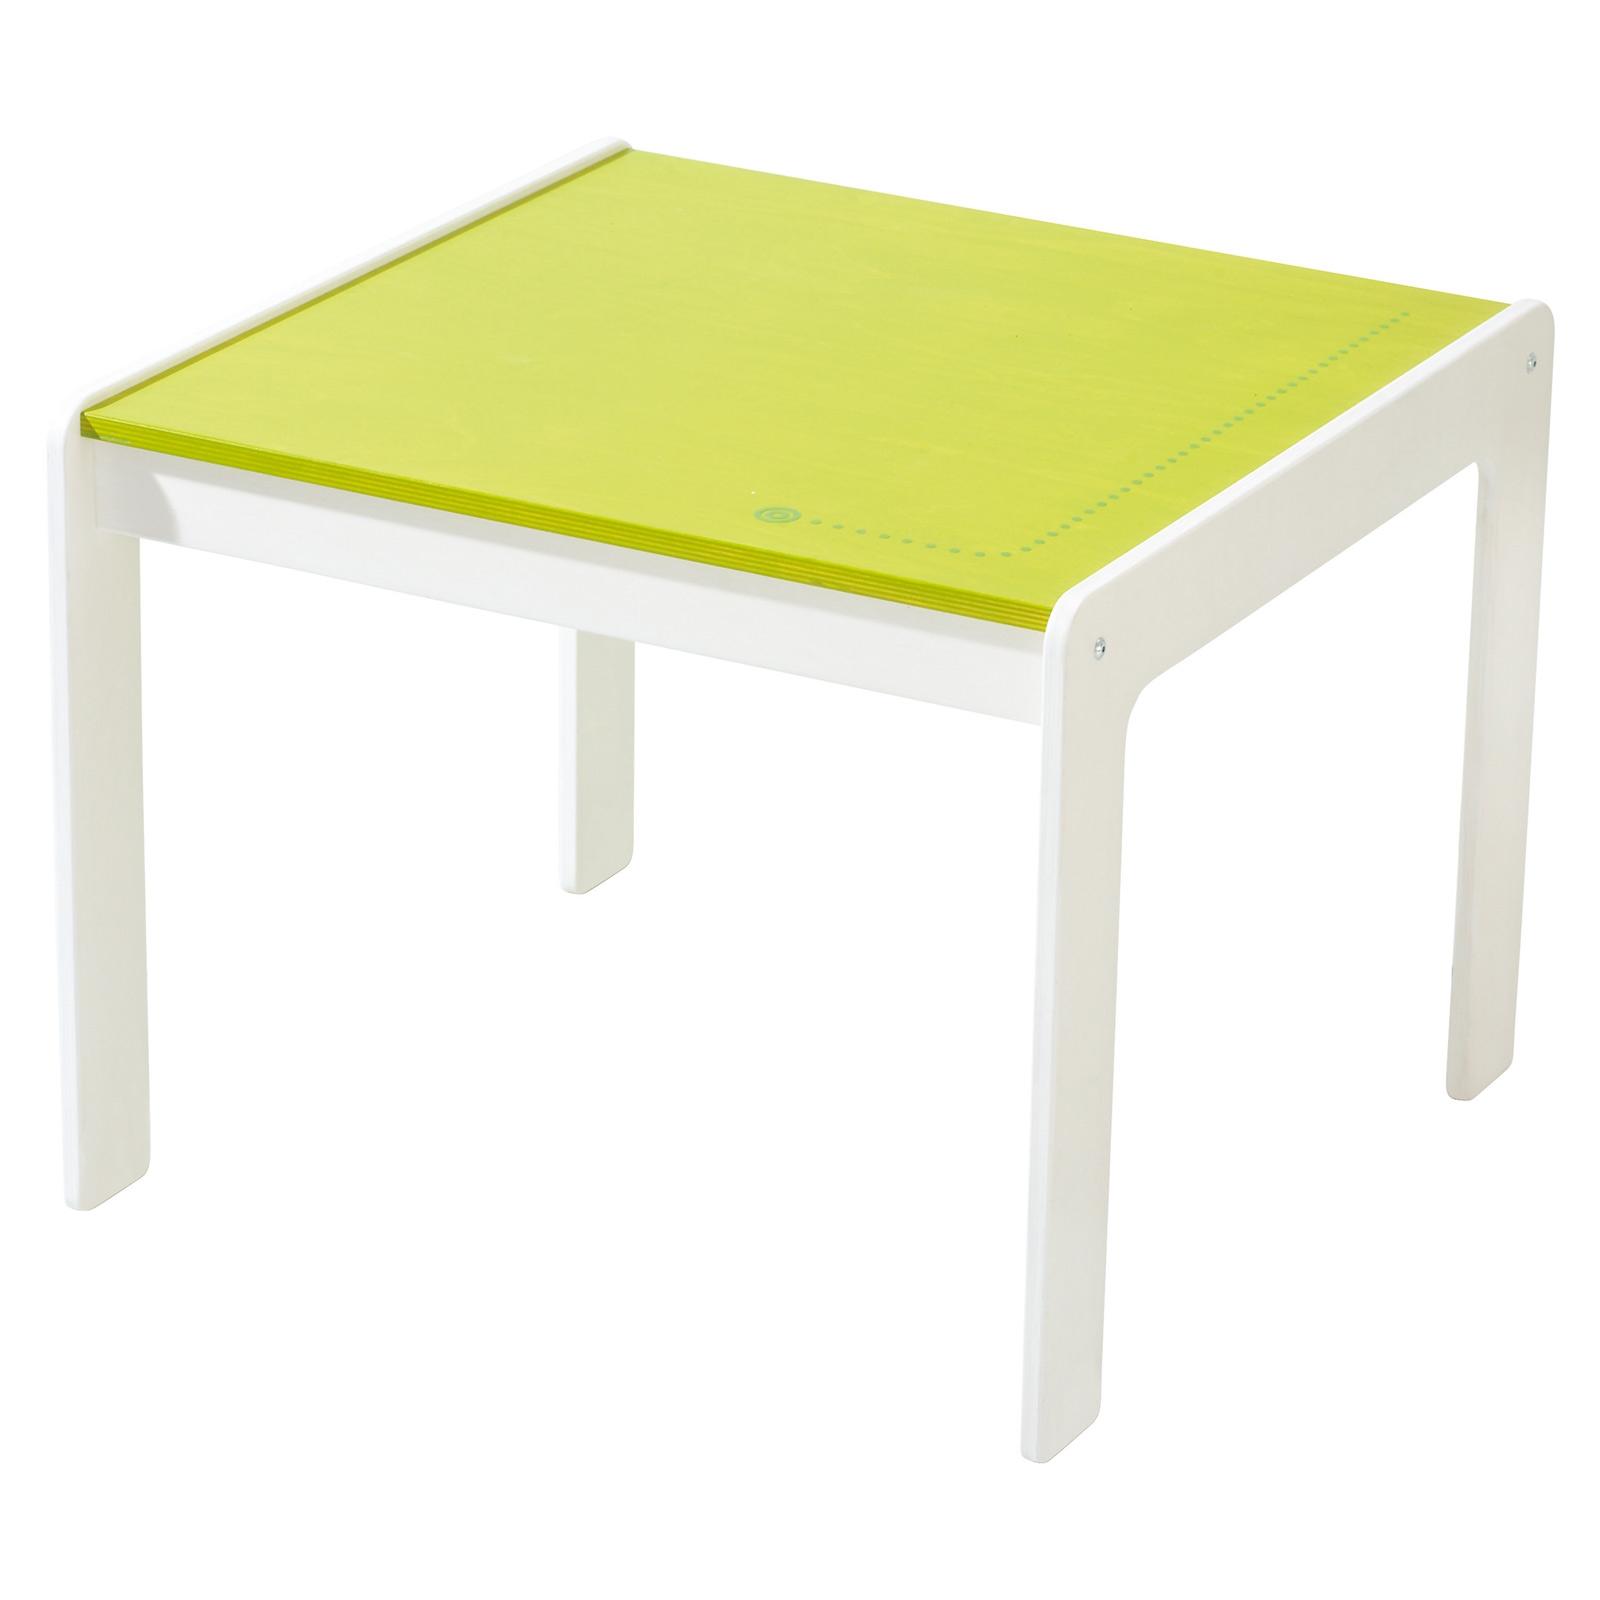 petite table enfant. Black Bedroom Furniture Sets. Home Design Ideas